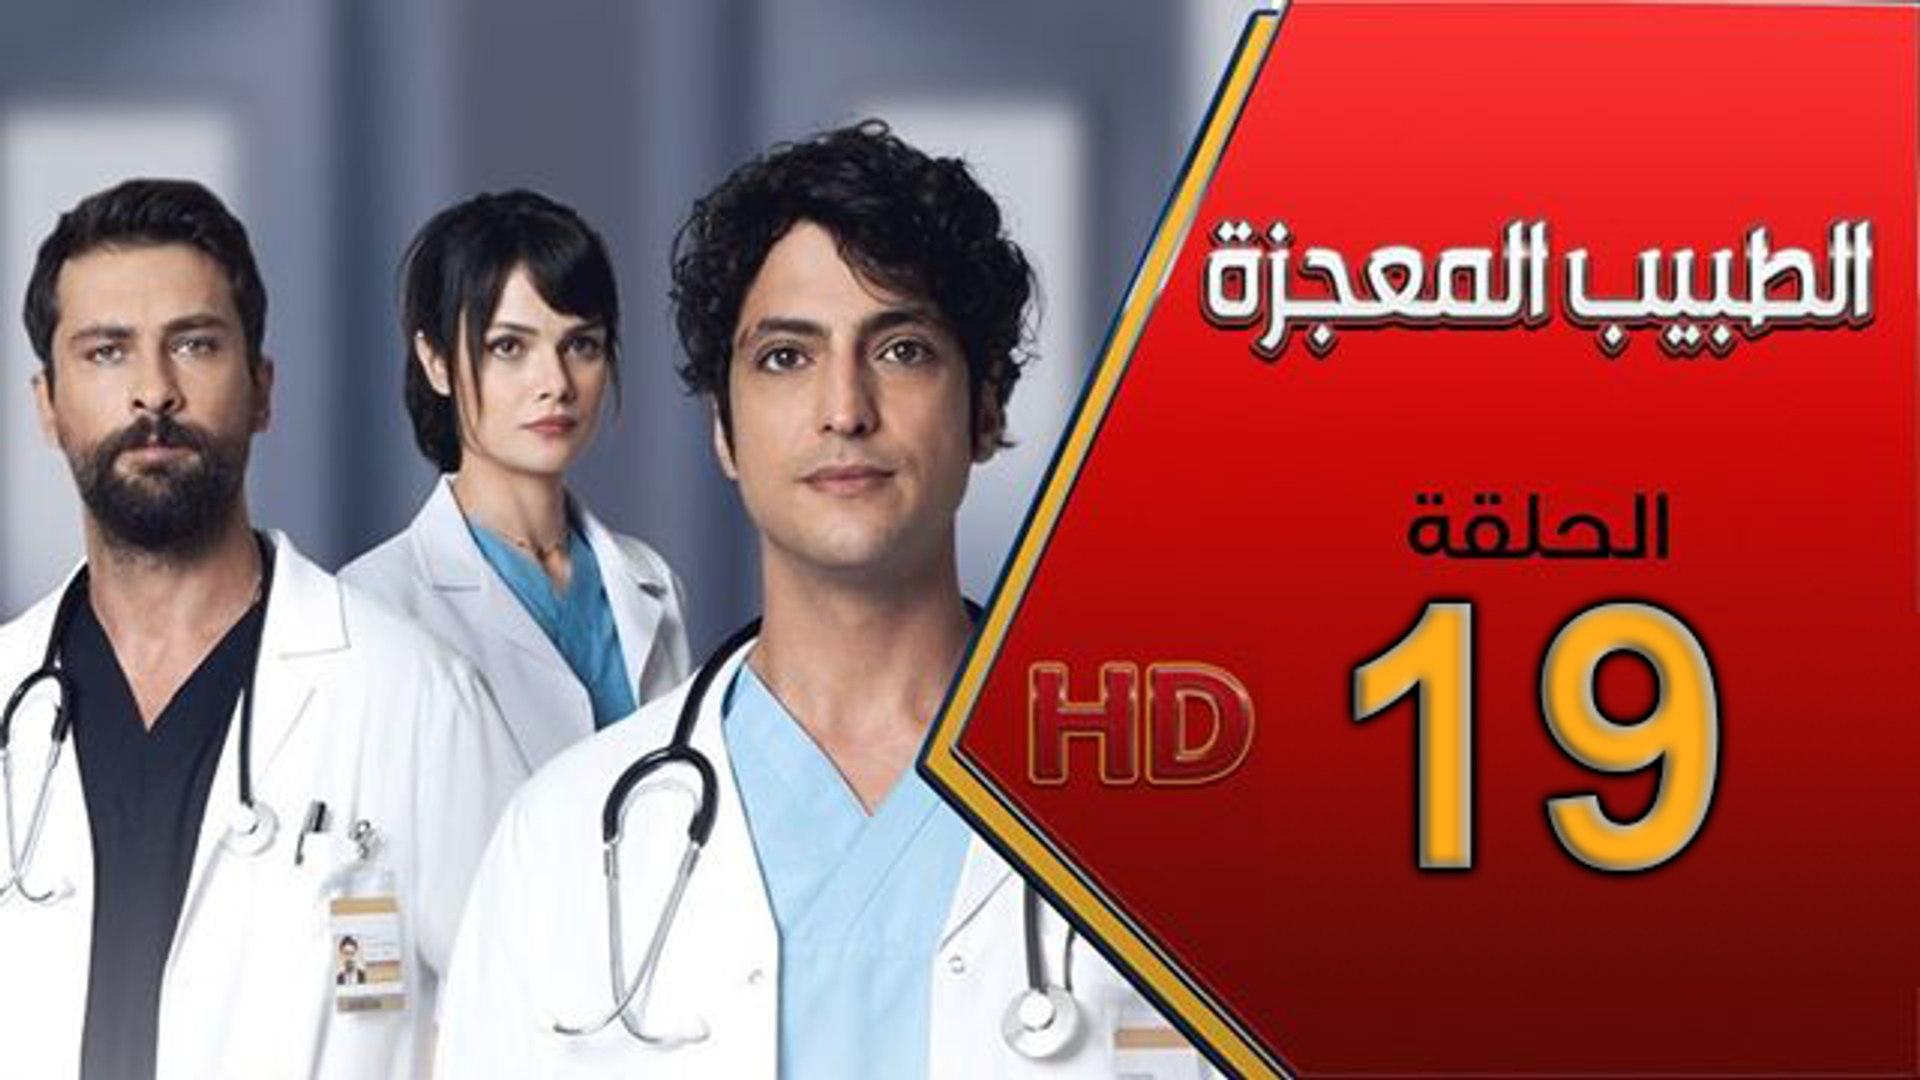 19 مسلسل الطبيب المعجزة مترجم الحلقة Video Dailymotion